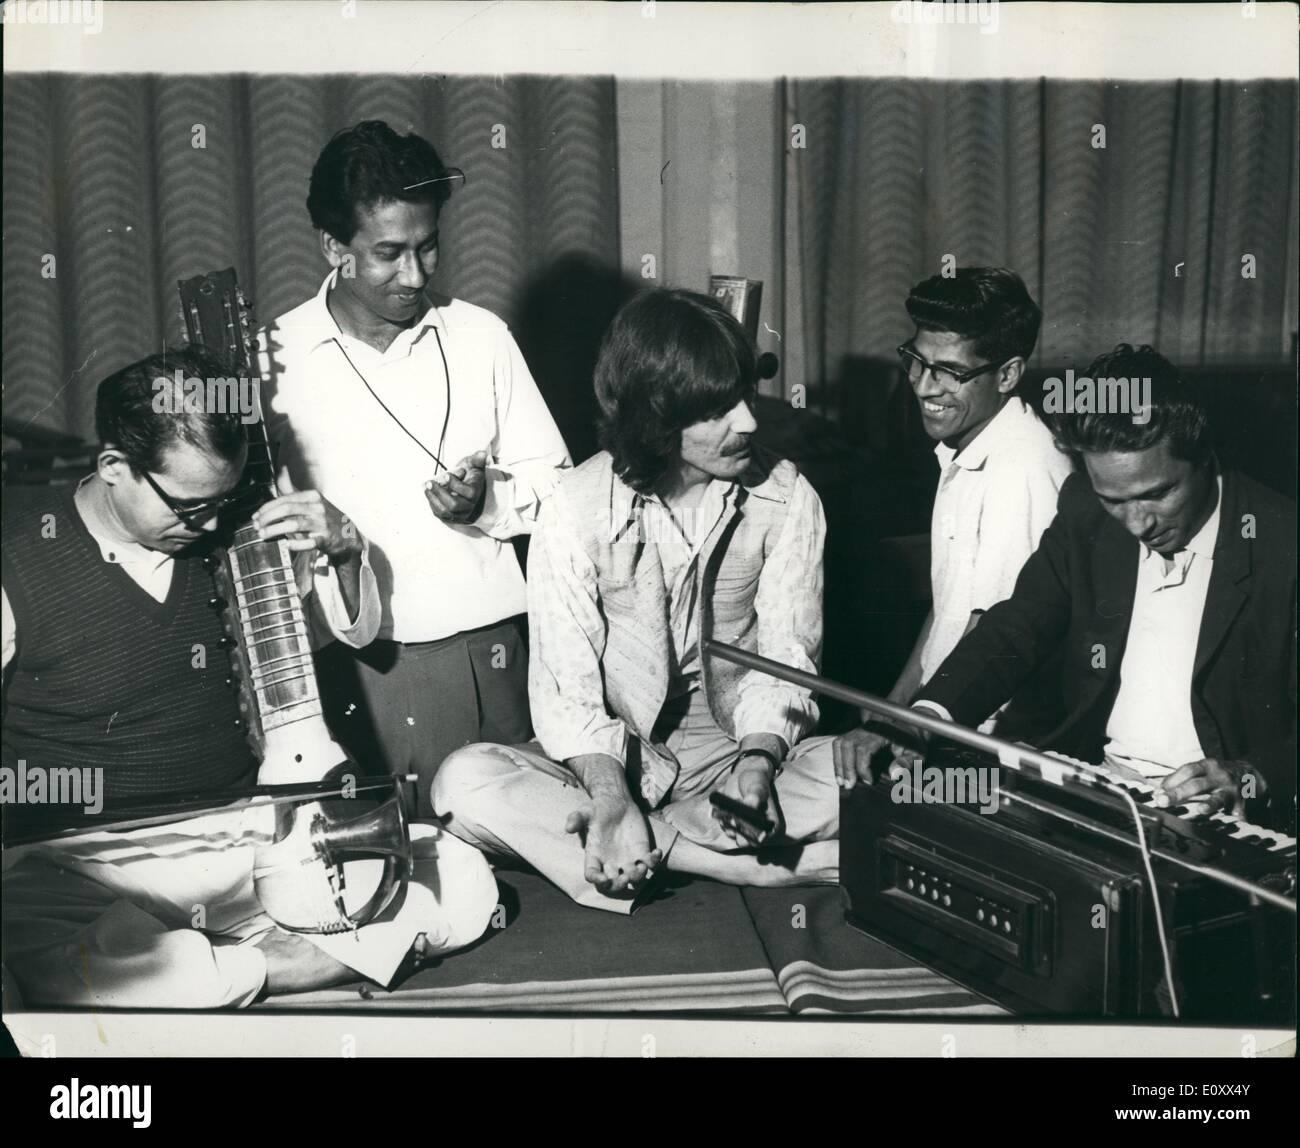 Jan 01 1968